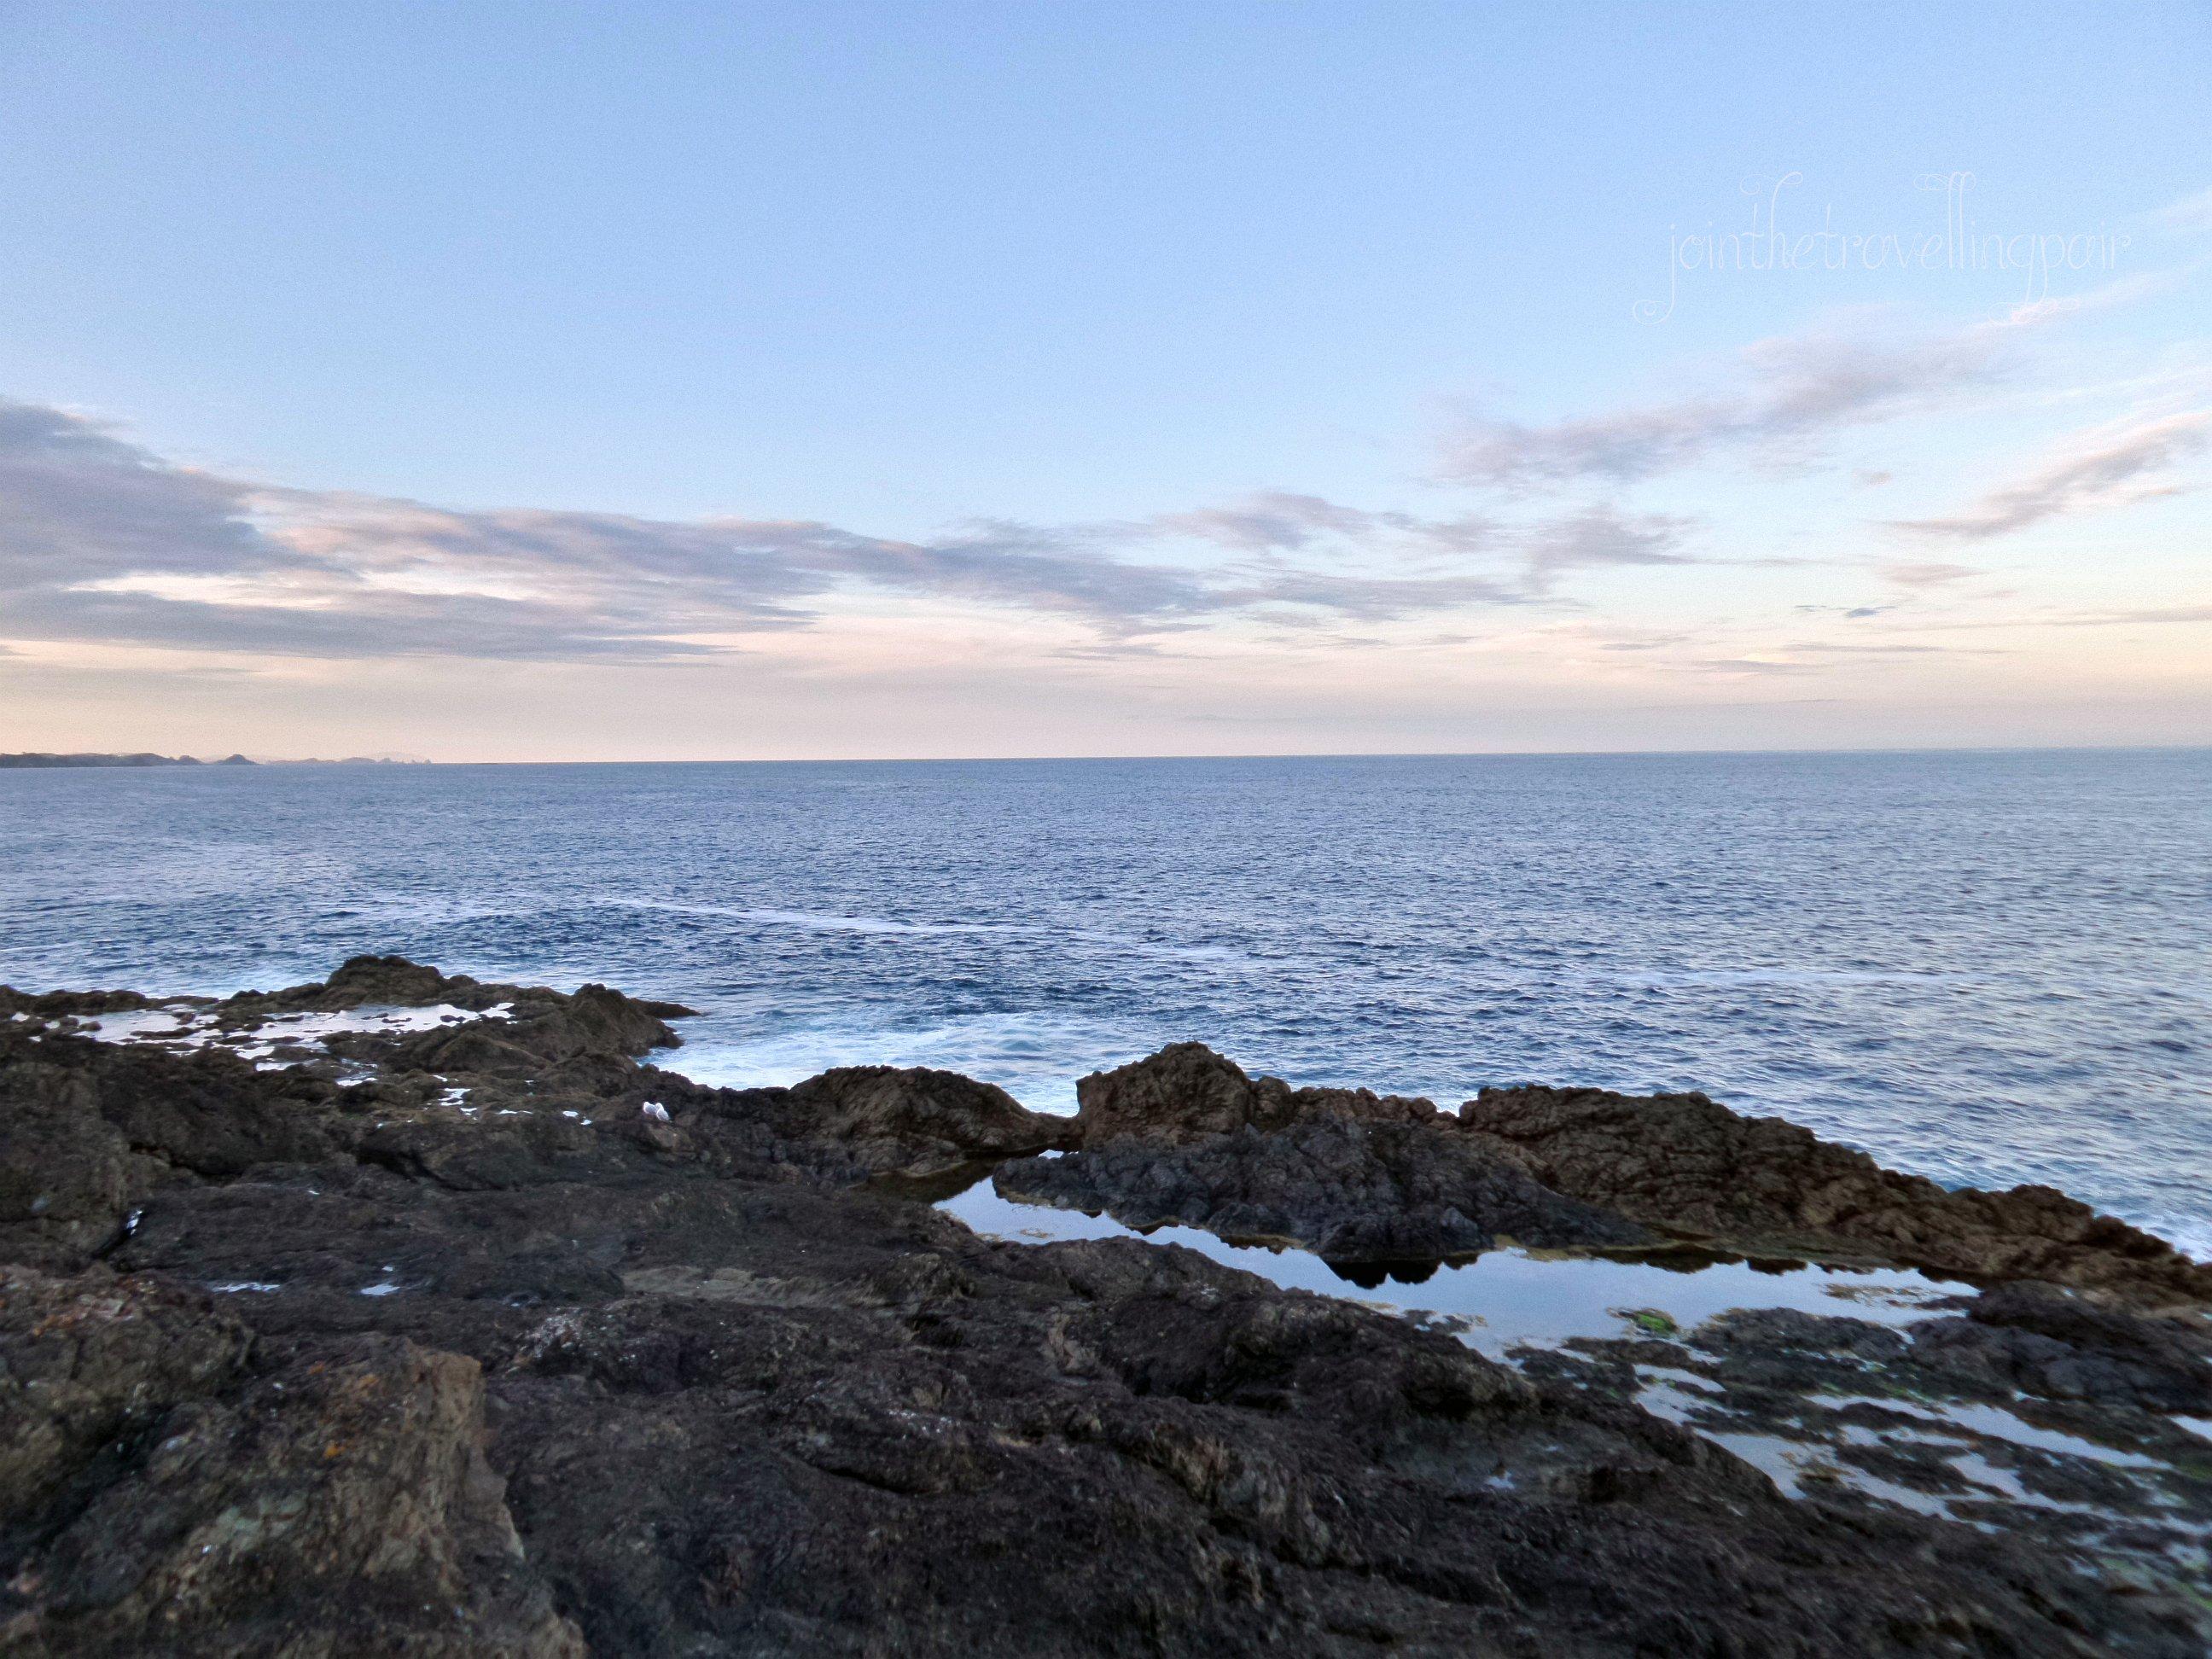 Tutukaka Coast: Mermaid Pools